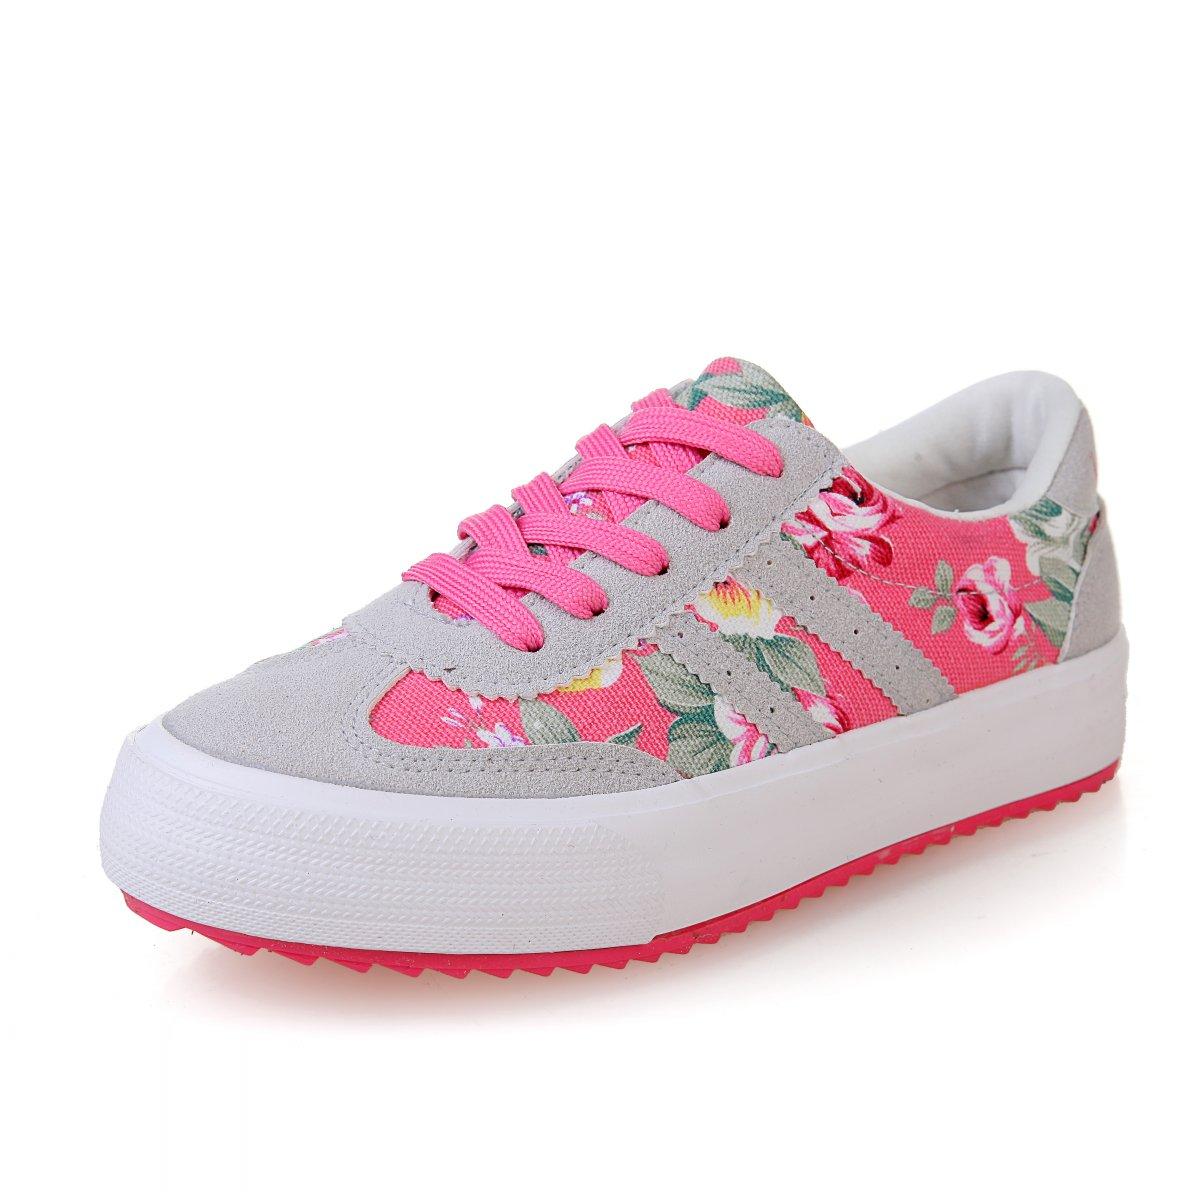 包邮春季新款低帮碎花拼色帆布鞋女韩版潮女士休闲球鞋板鞋学生鞋